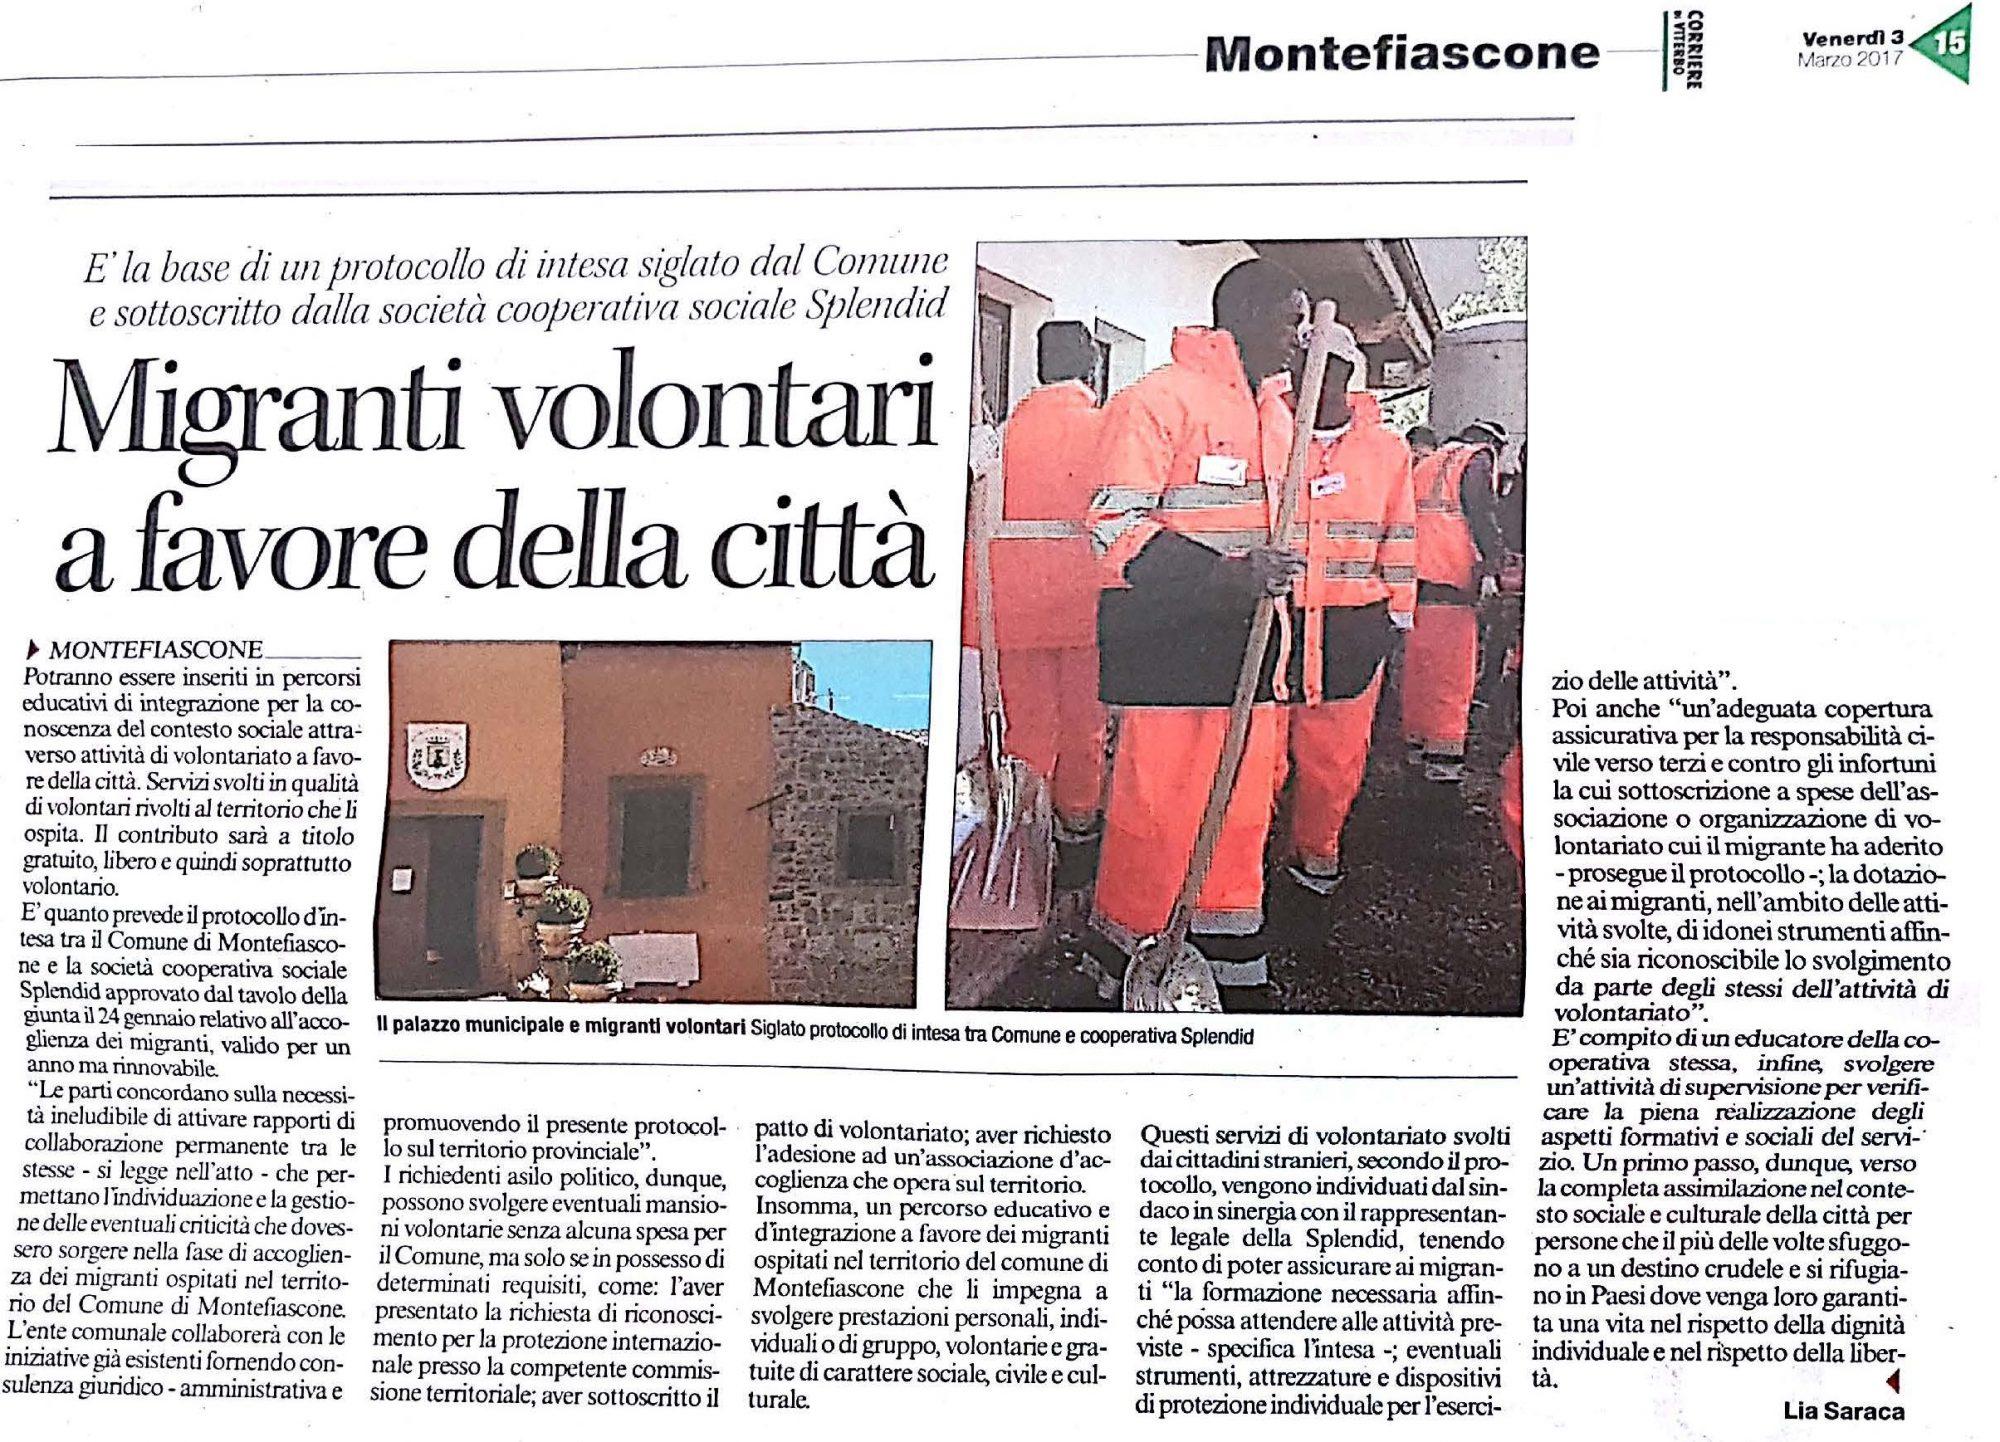 Corriere VT 03.03.2017